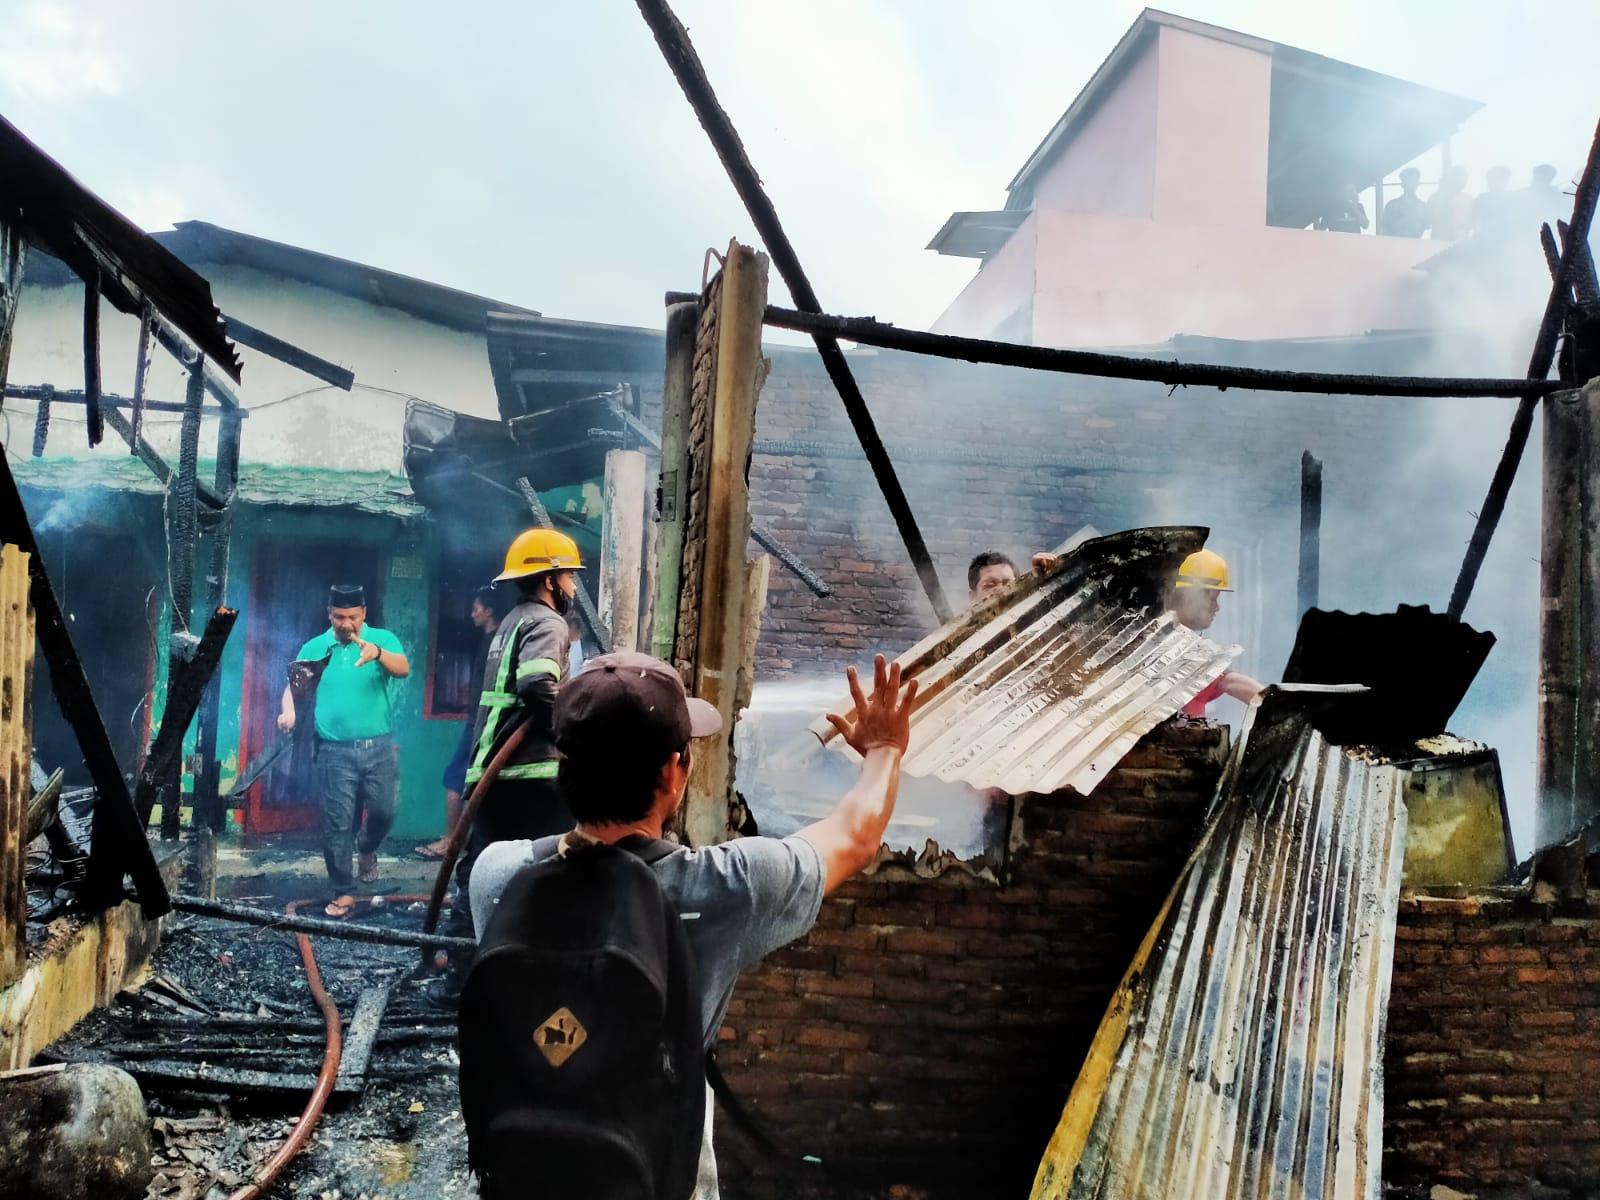 Minyak Kompor Tumpah ke Kasur, 2 Rumah di Deliserdang Ludes Terbakar